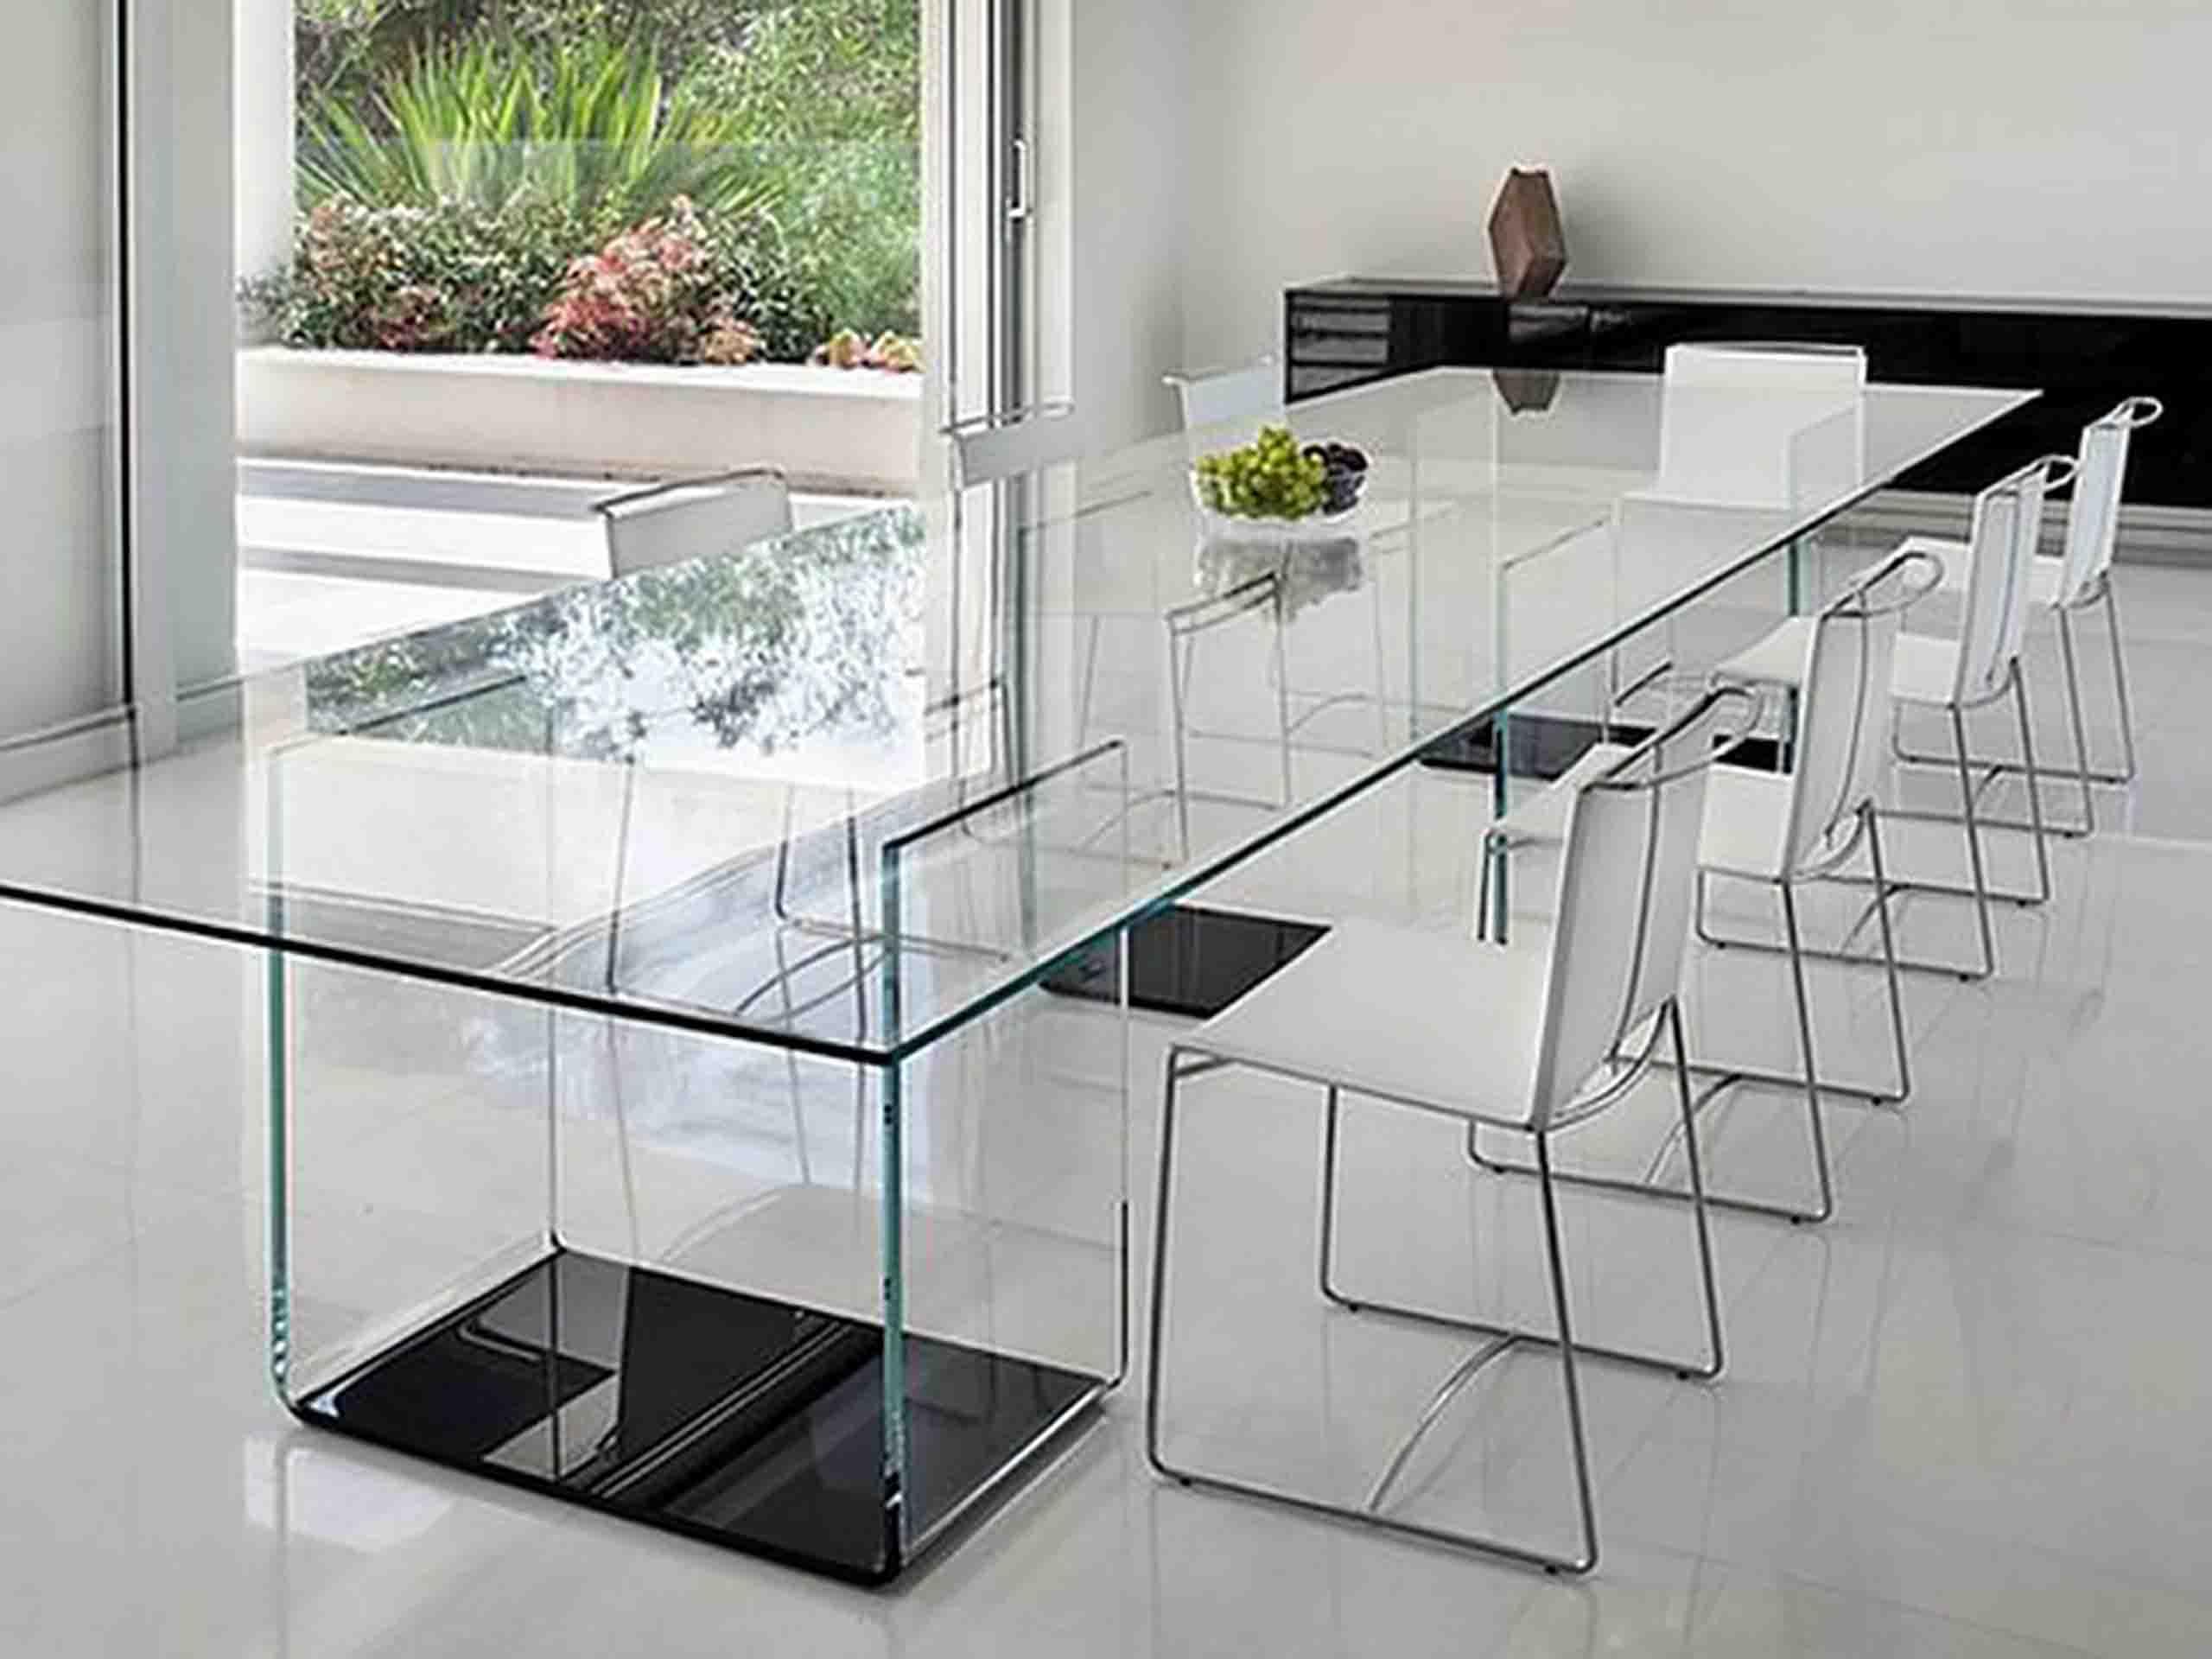 Суцільноскляні меблі під замовлення компанією EKIPAZH